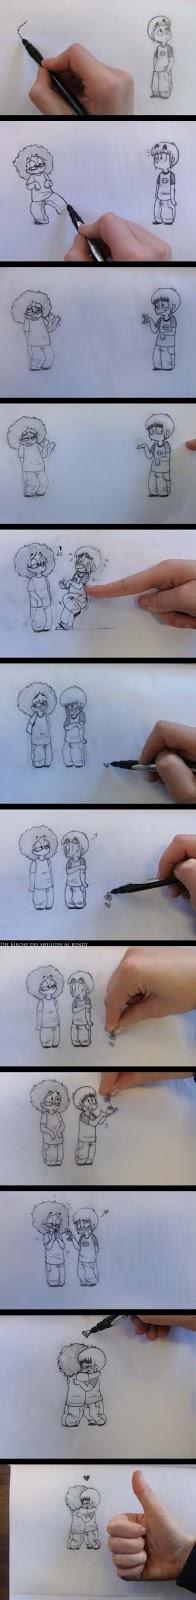 Zeichnung von Liebespaar witzig